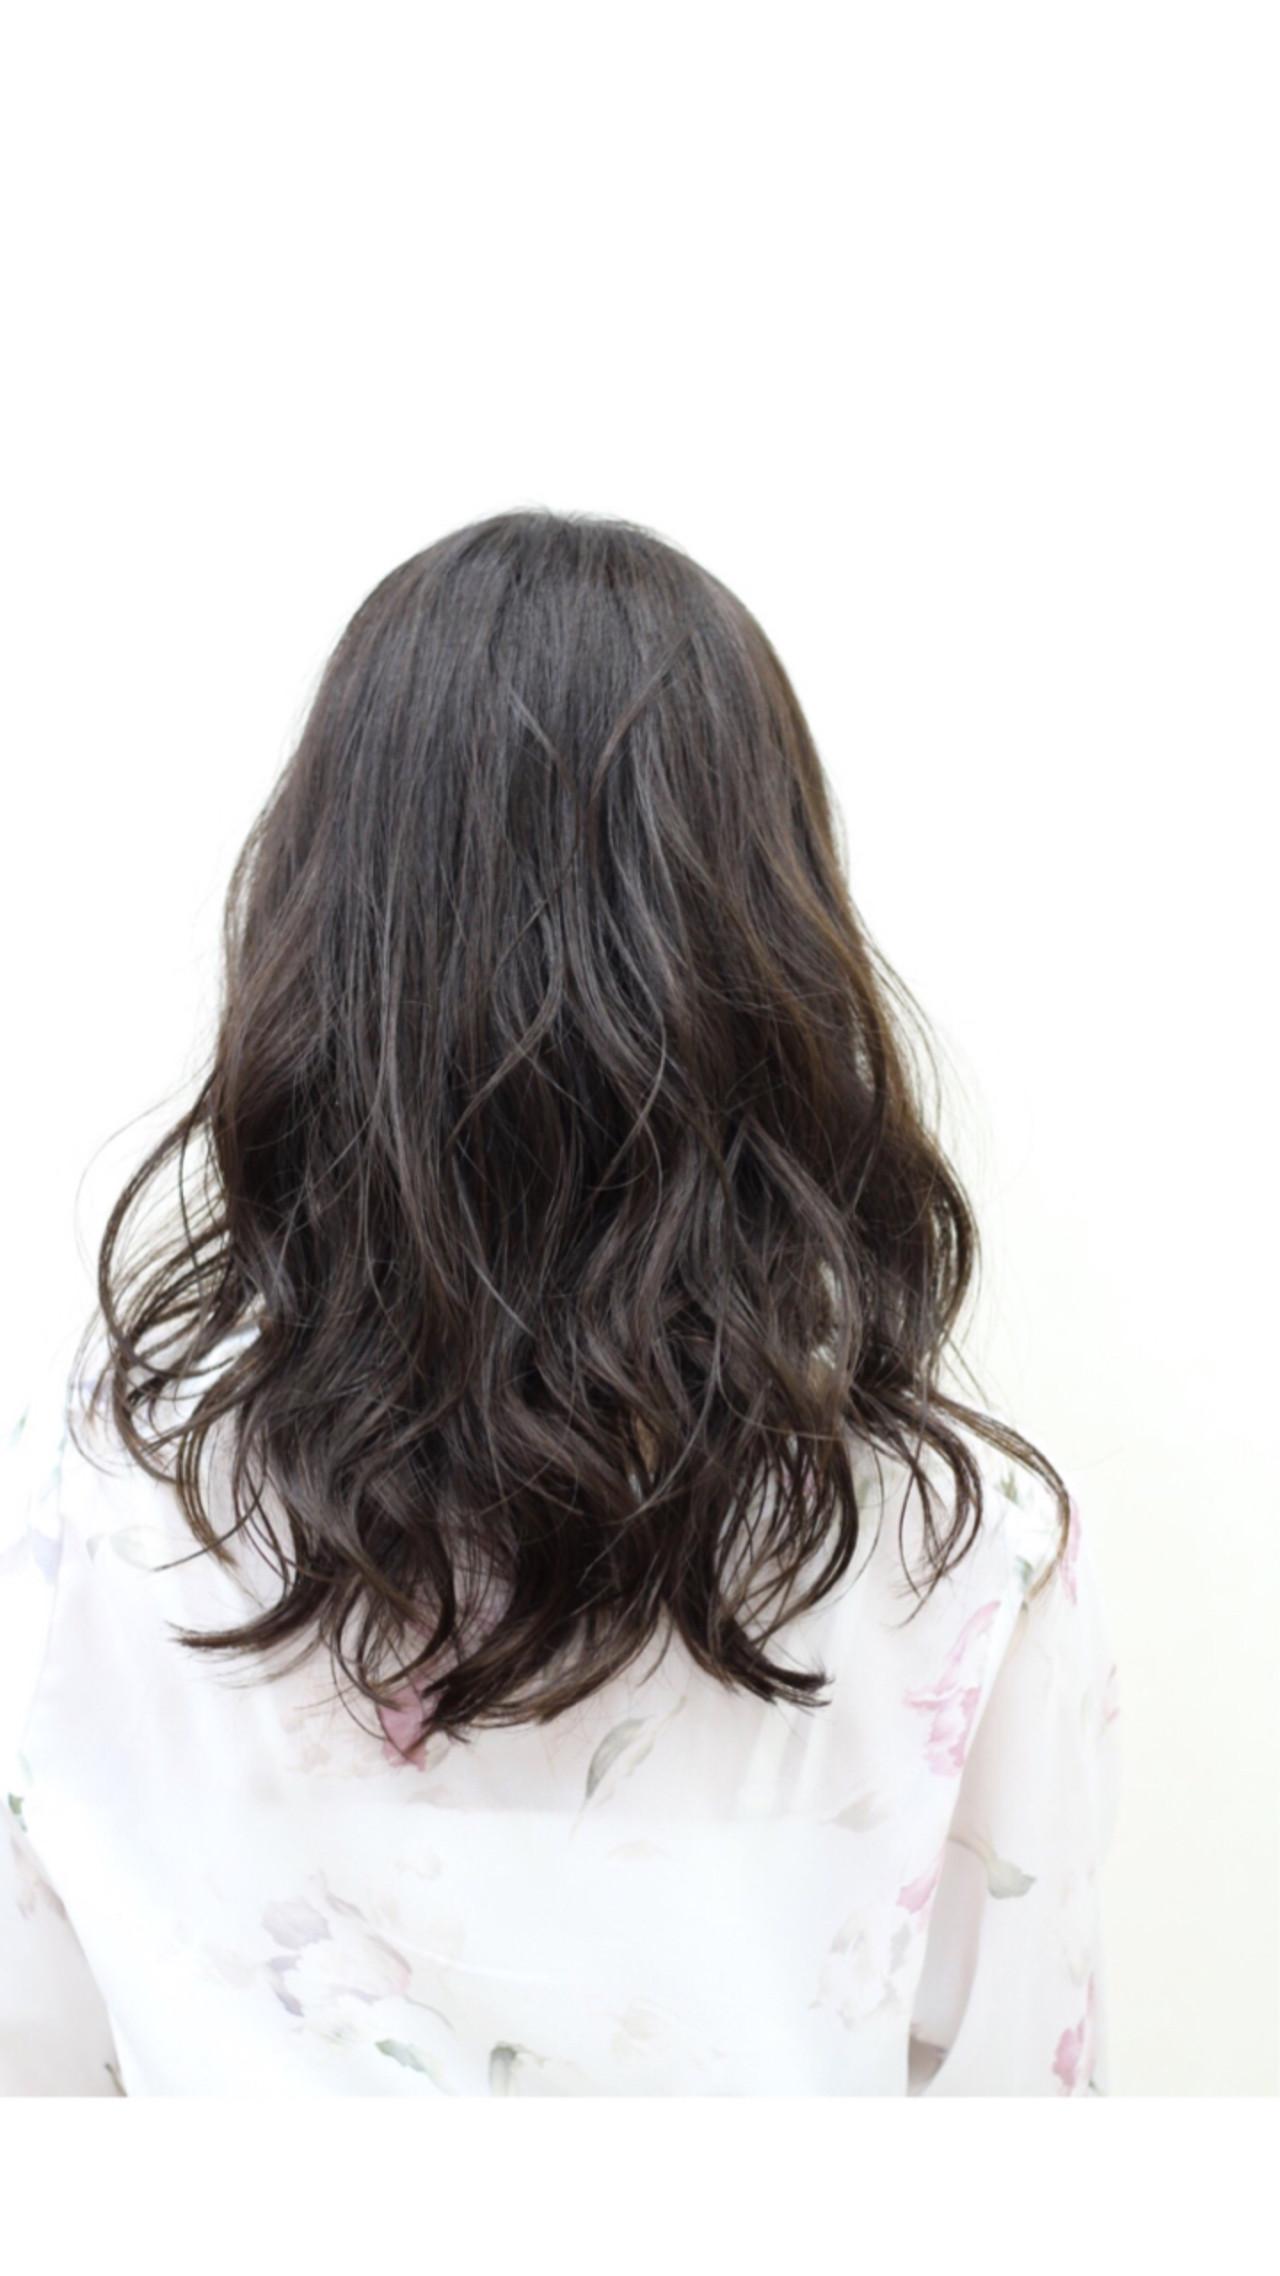 暗髪 セミロング 大人かわいい アッシュ ヘアスタイルや髪型の写真・画像 | 後藤菜々 / 電髪倶楽部street